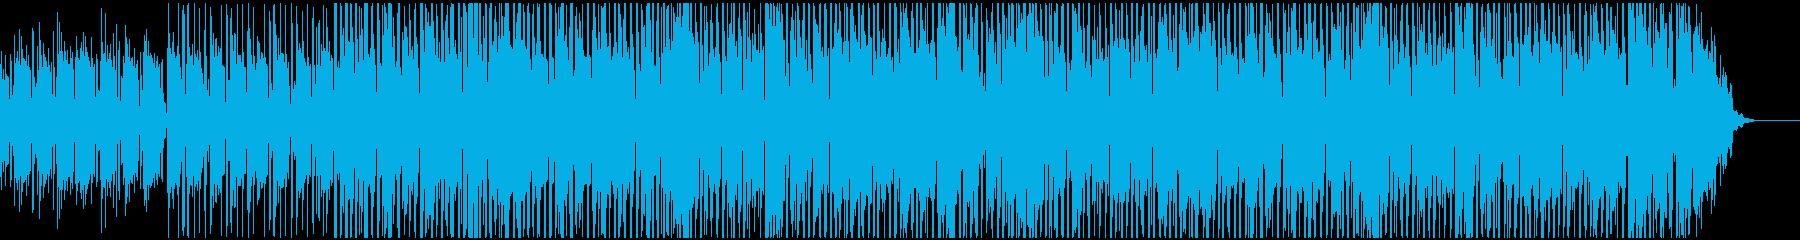 ベースが特徴的なジャズファンク系BGMの再生済みの波形